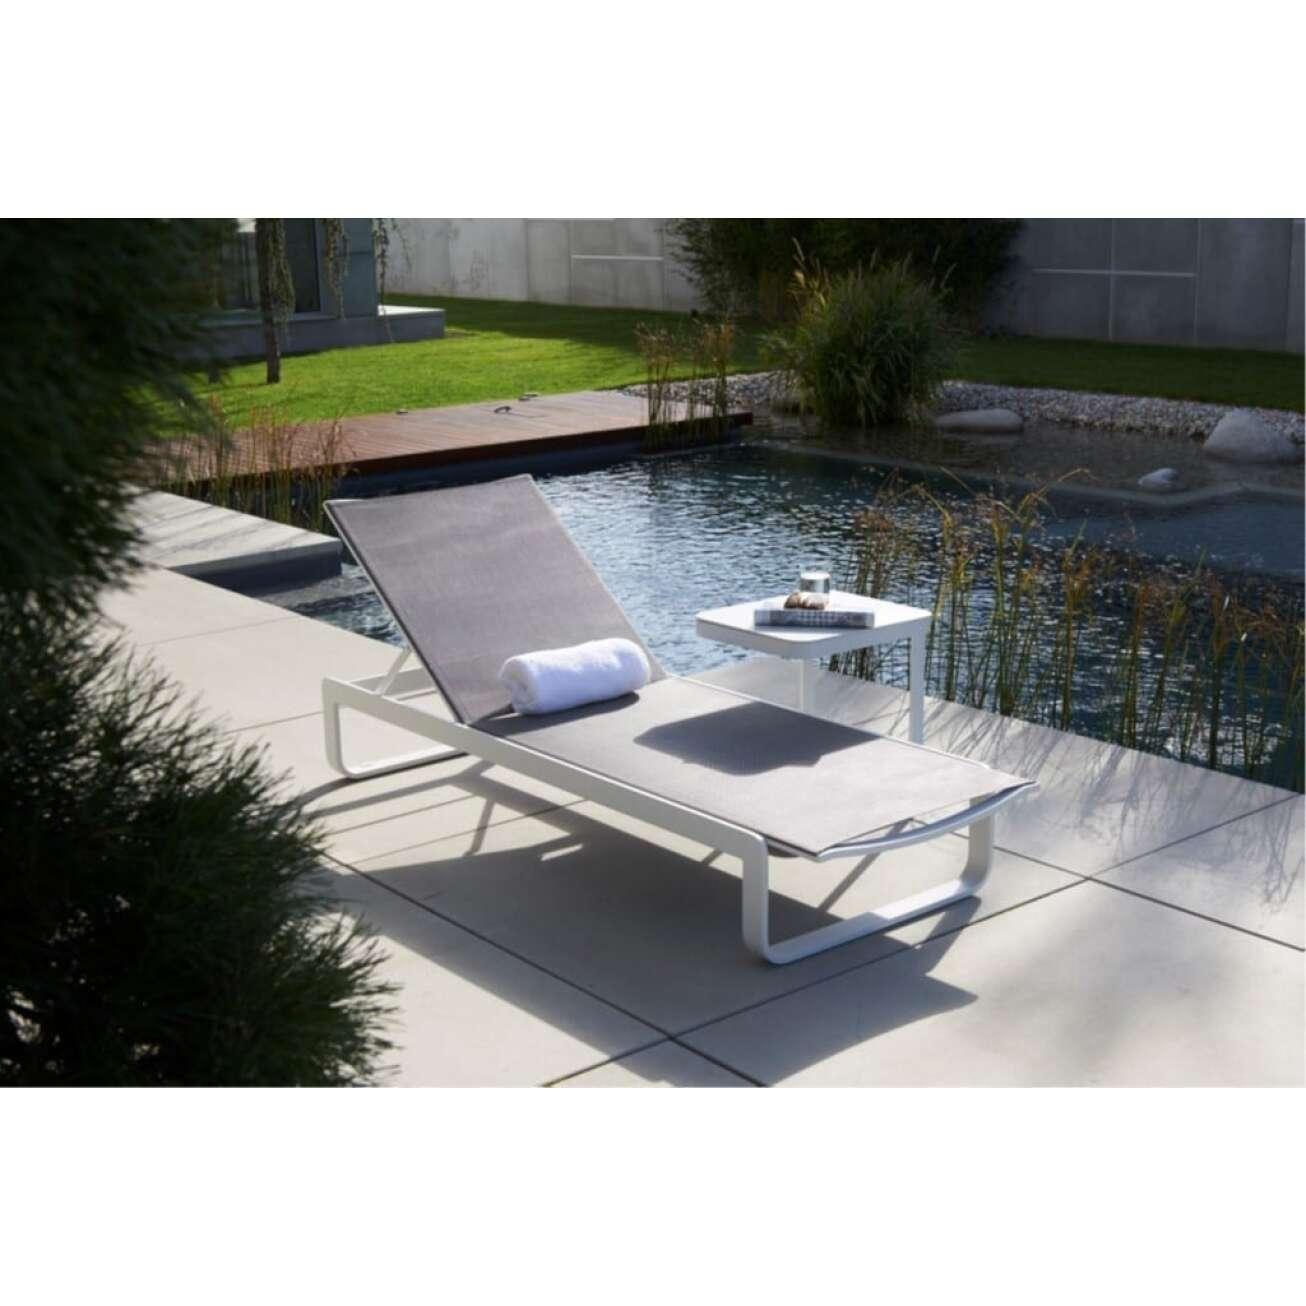 Solgseng med hvit ramme og grå tekstil med bord ved vann